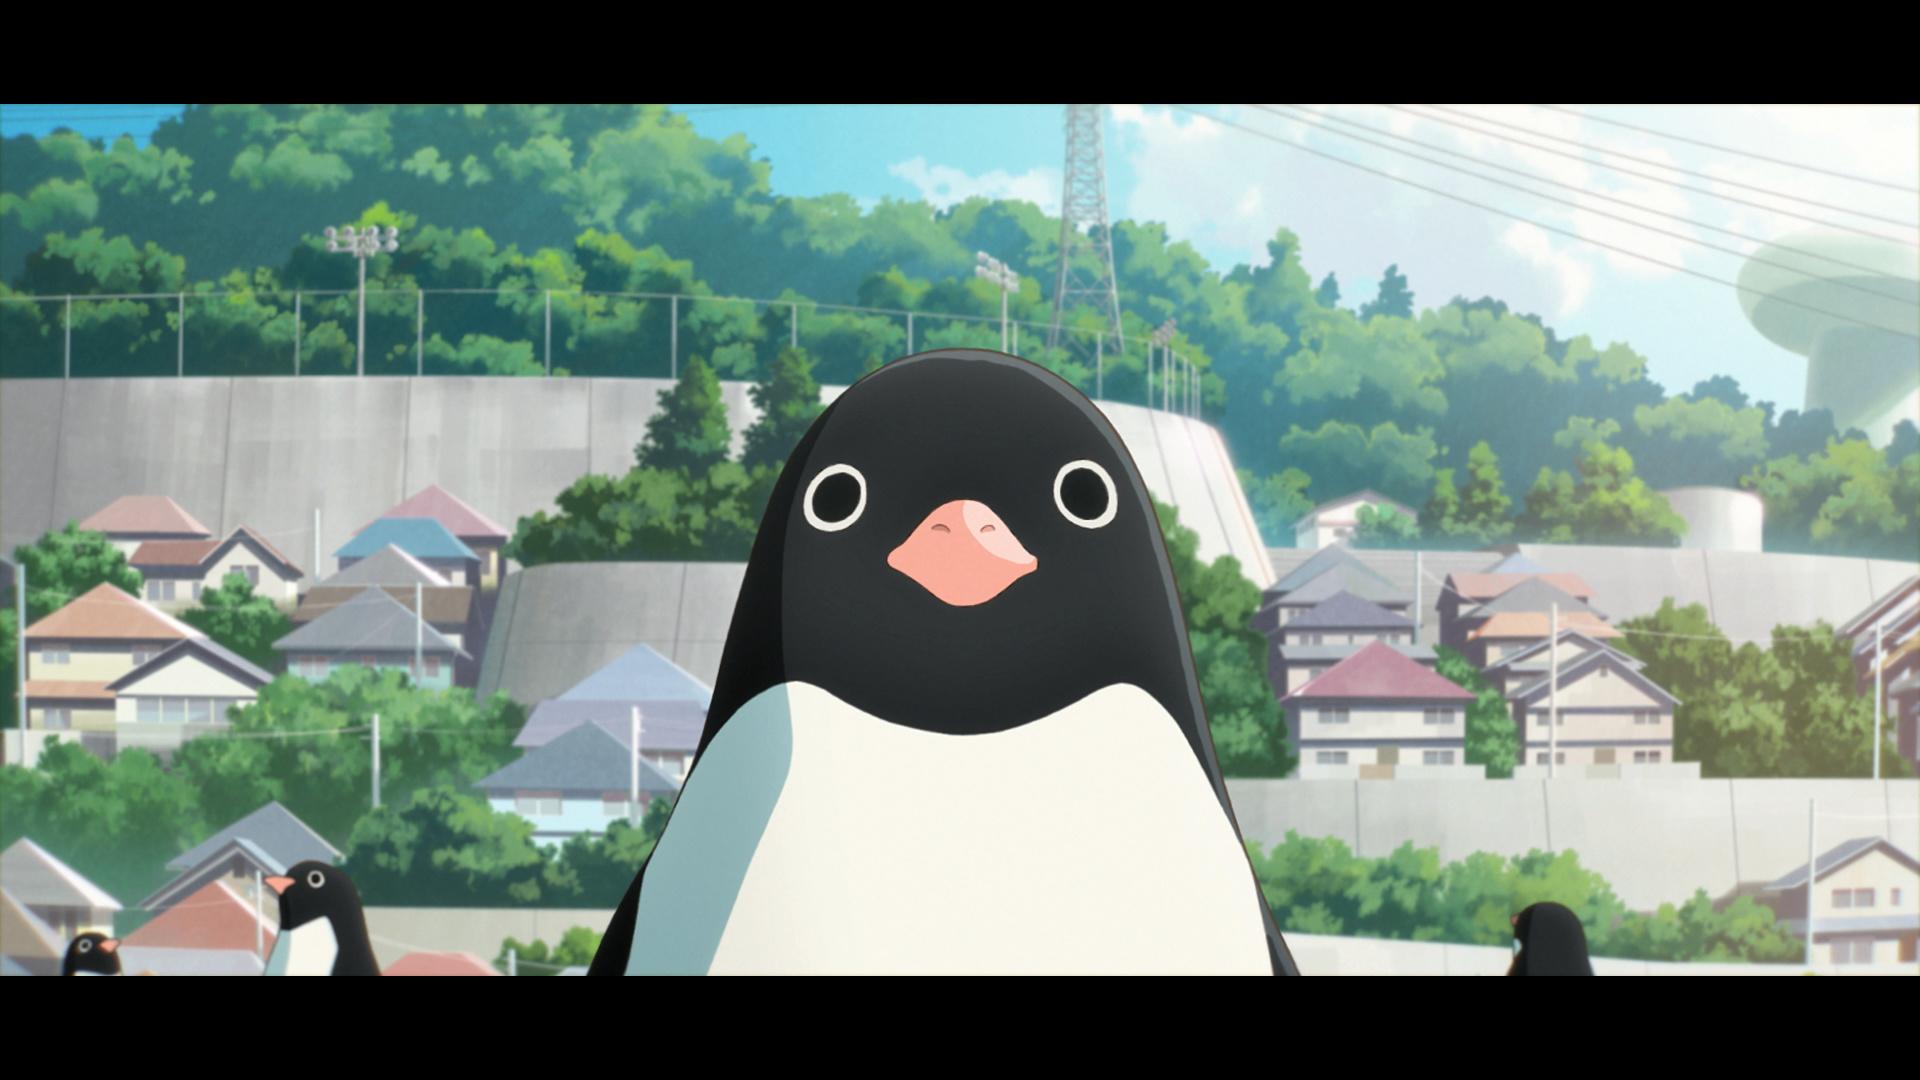 電影《企鵝公路》畫面和場景 0614_p14